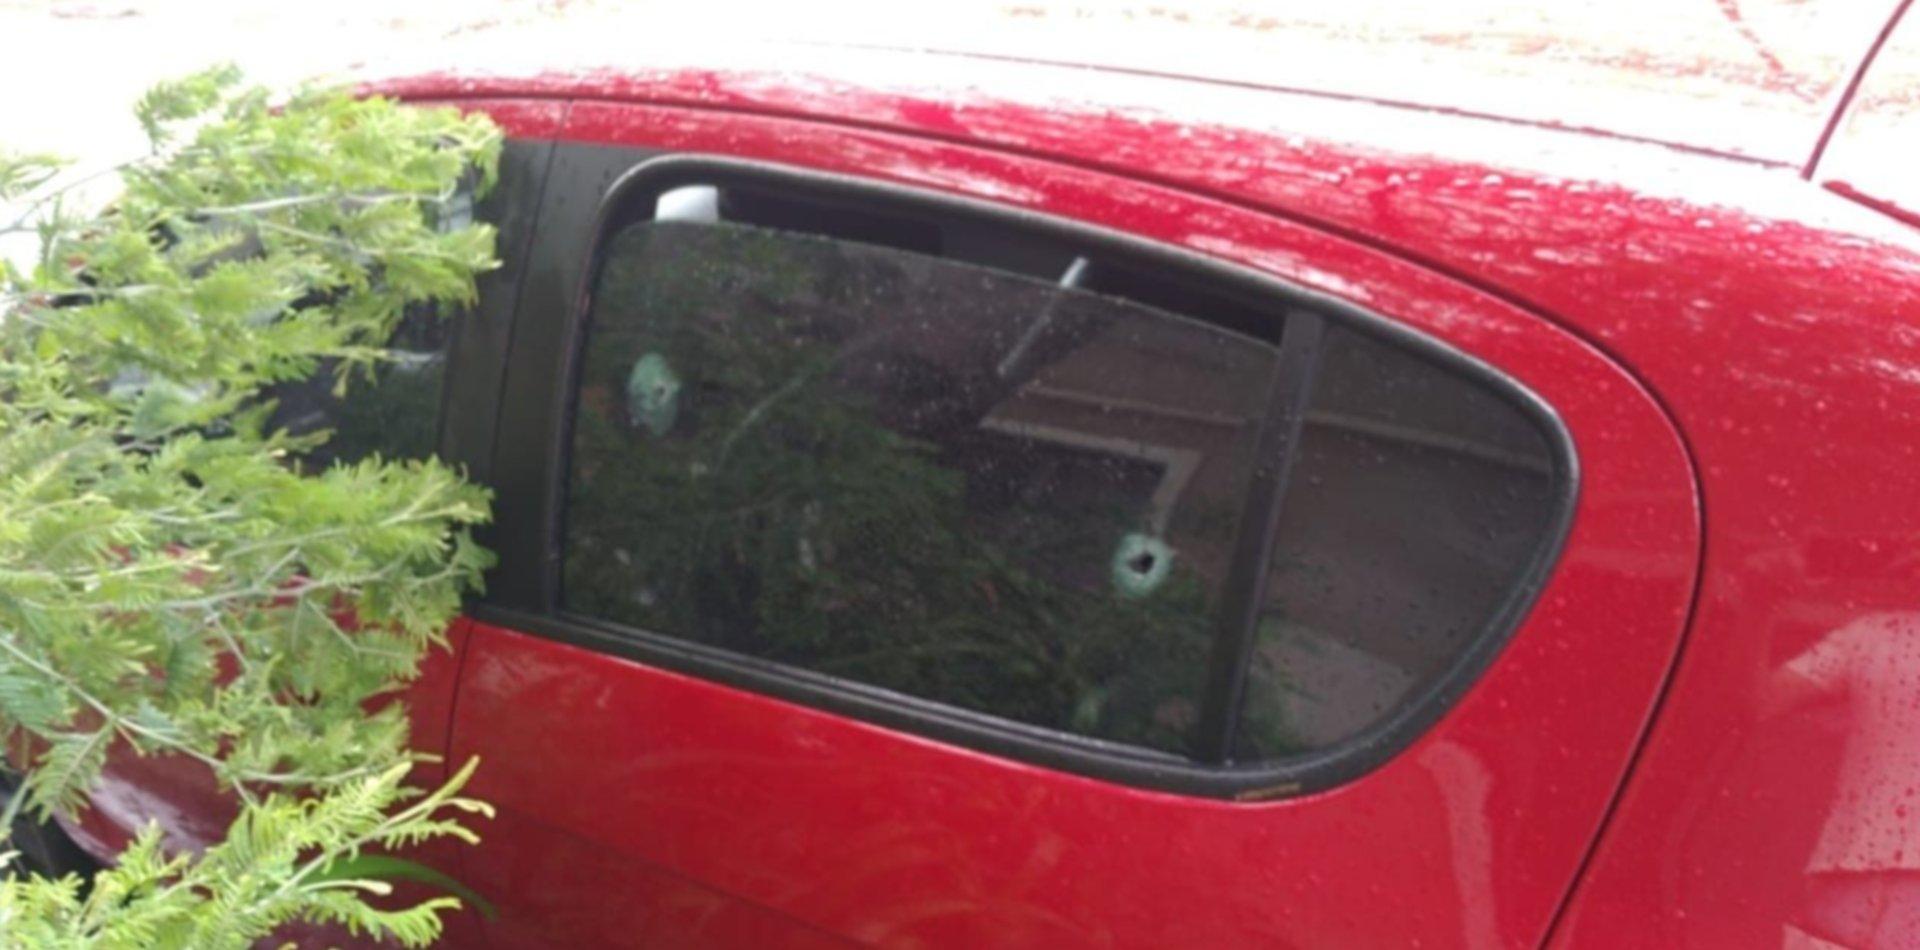 Misterio en La Plata: apareció un auto con impactos de bala y rastros de sangre